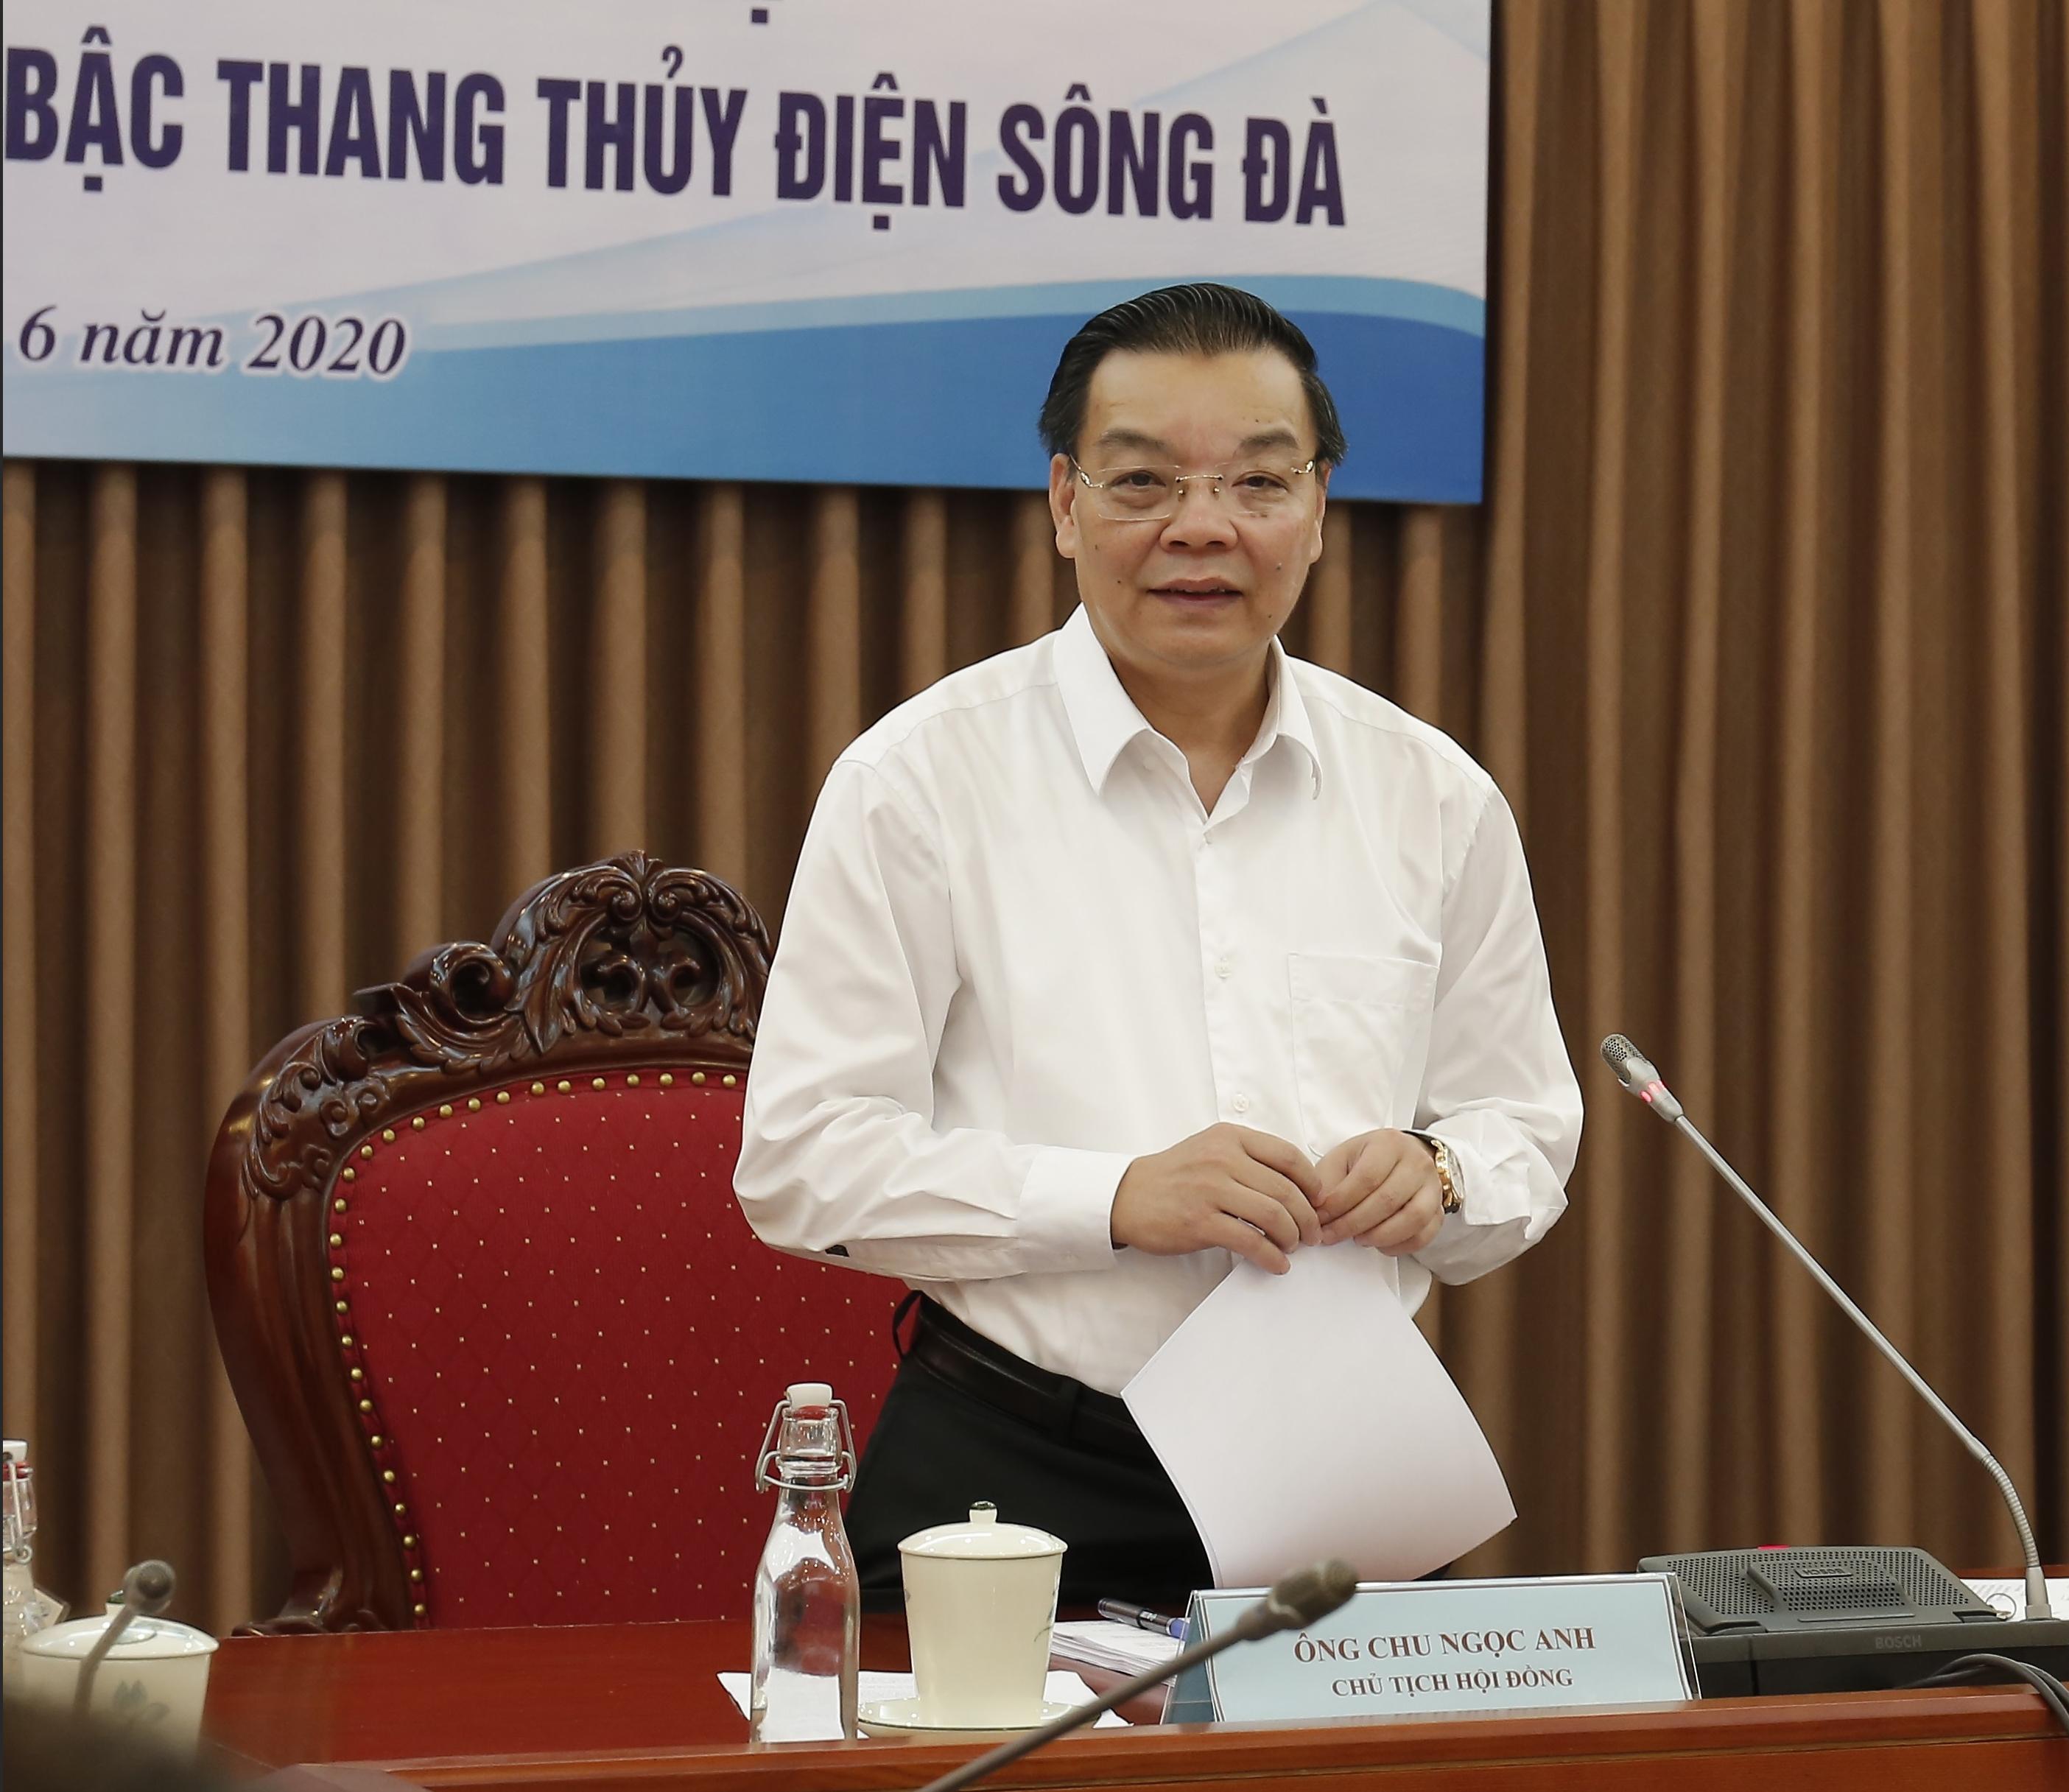 Bộ trưởng Bộ KH&CN Chu Ngọc Anh chủ trì phiên họp Hội đồng An toàn hệ thống thủy điện trên bậc thang thủy điện sông Đà 2020.